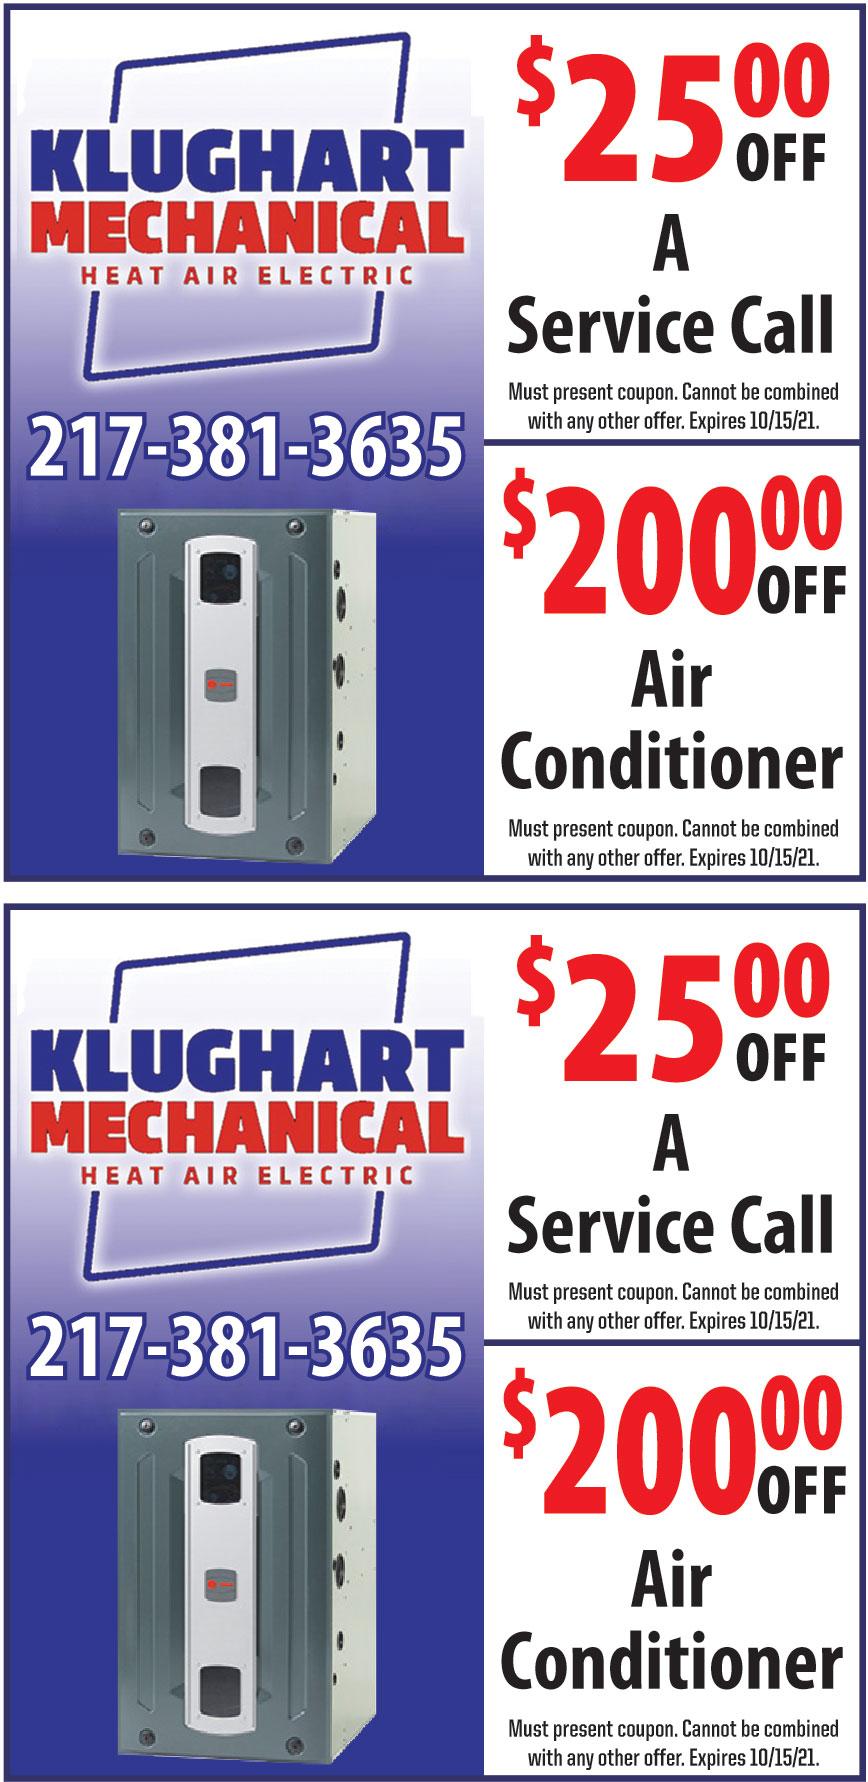 KLUGHART HEATING AND AIR